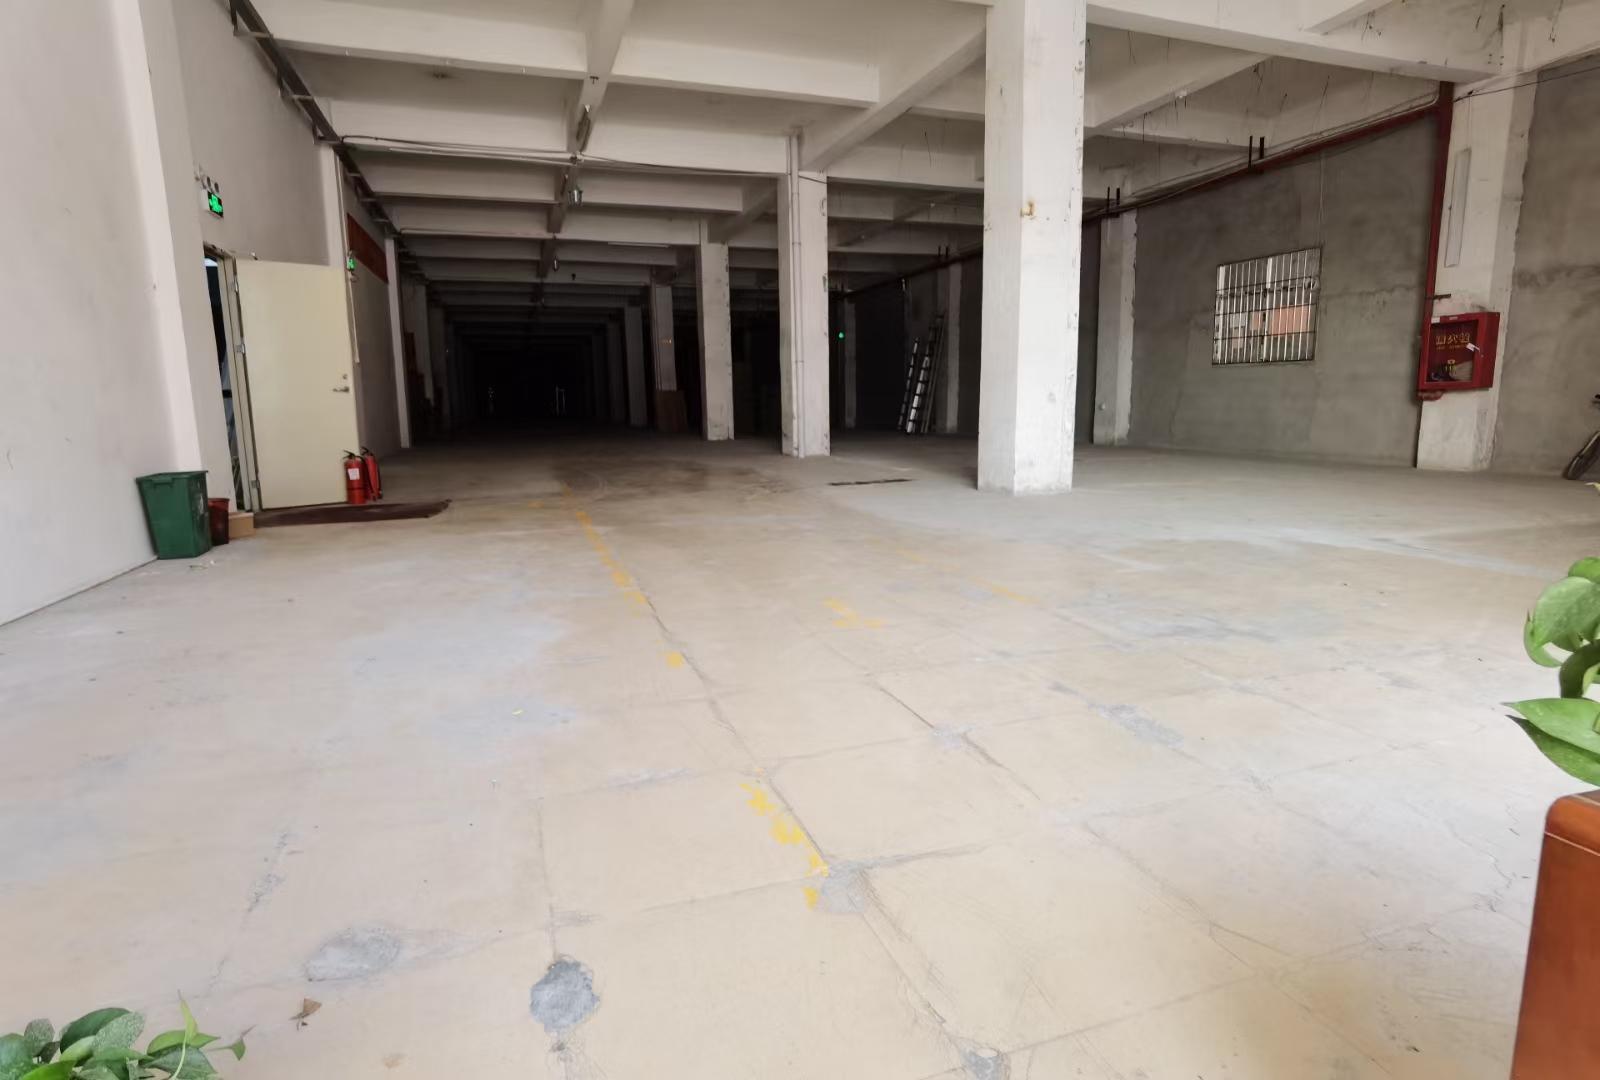 大浪龙澜快速路旁新出1750平一楼仓库,园区车位充足。